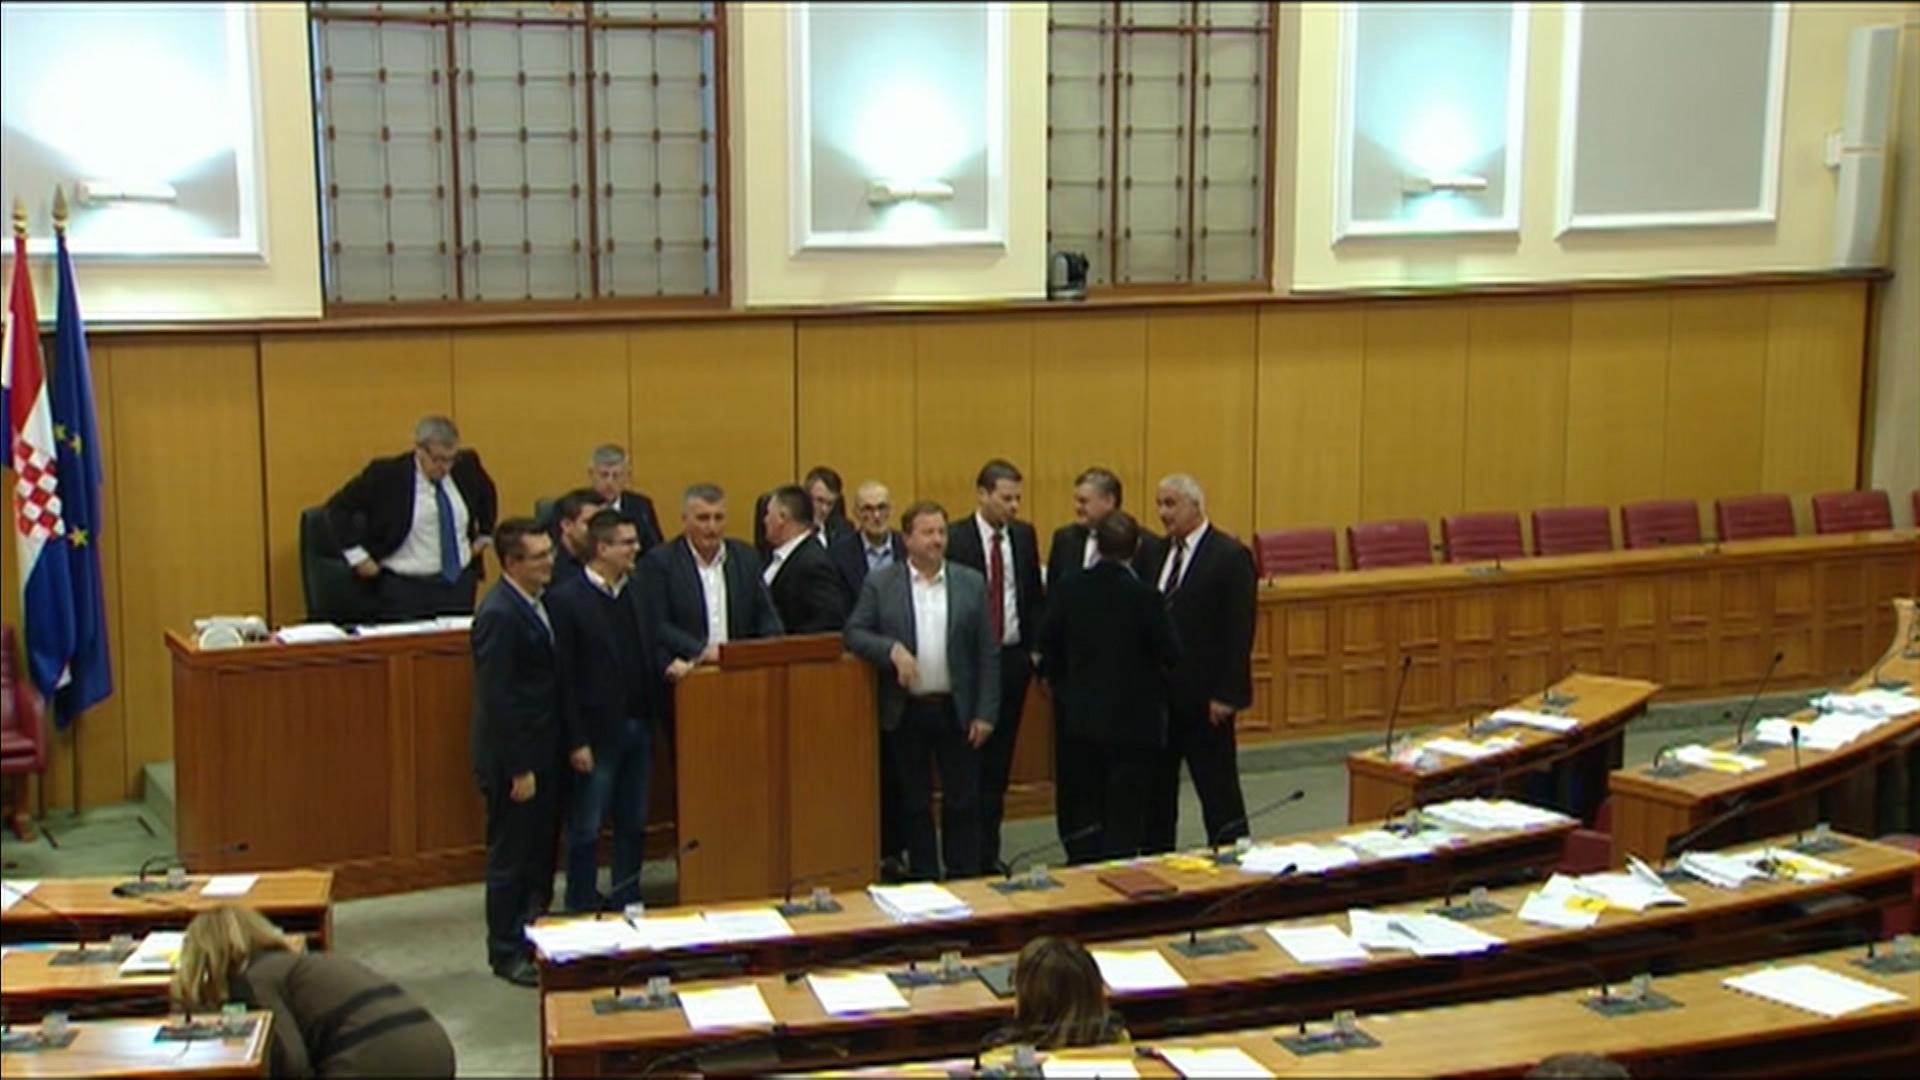 """""""Poljoprivreda"""" posvađala zastupnike: Zašto su vladajući htjeli raspravljati o Zakonu o poljoprivredi dan prije, i bez ministra Tolušića?"""